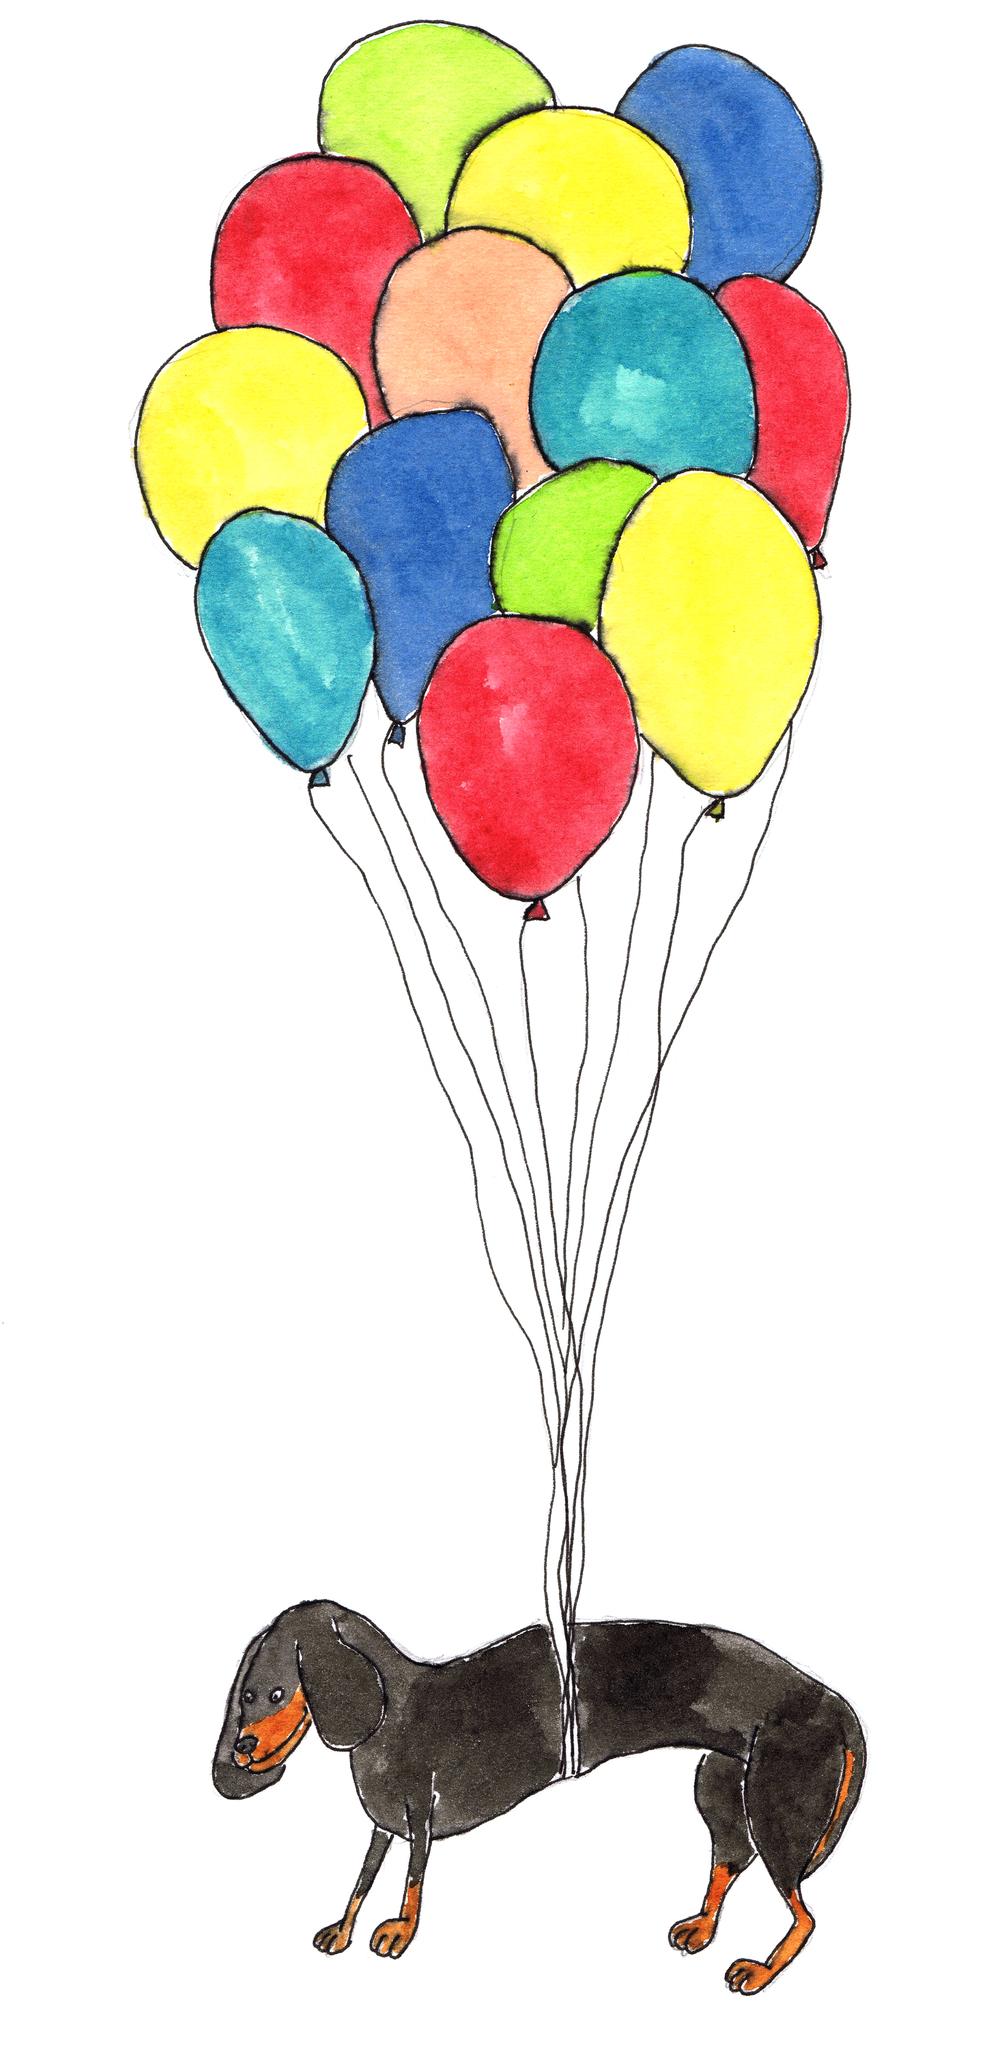 daschund balloons.jpg